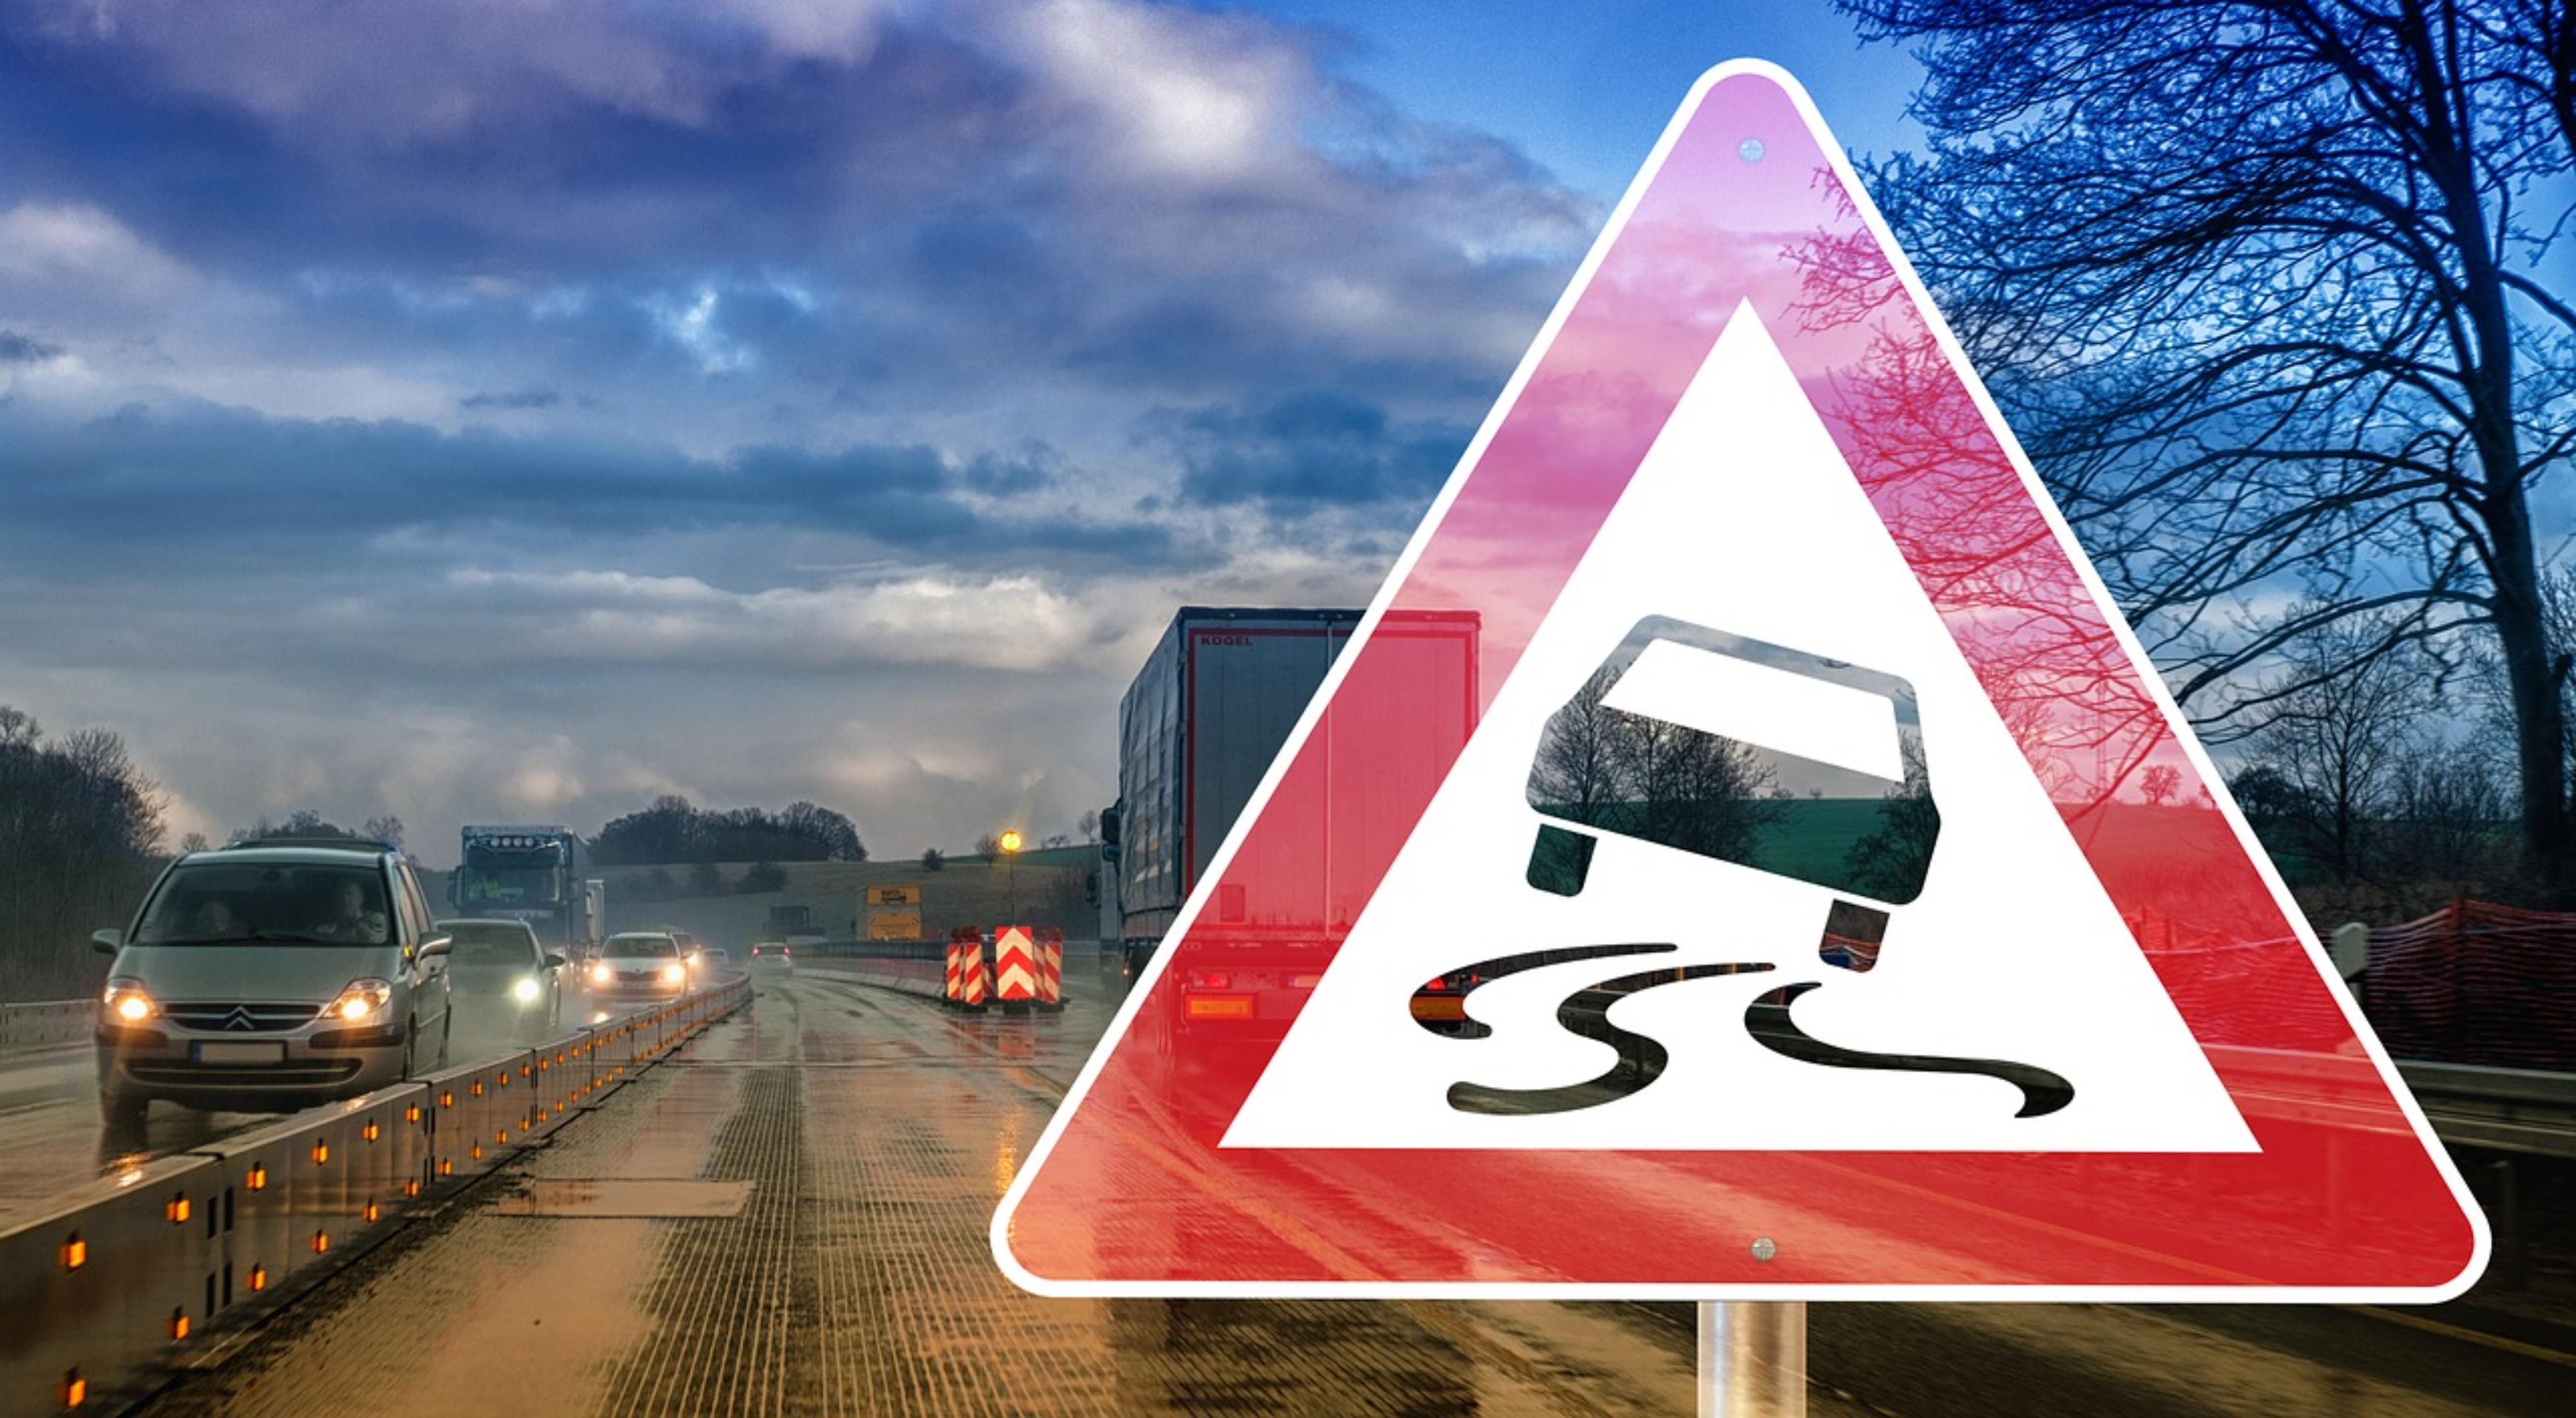 Incidenti stradali - Prevenzione attraverso variabili soggettive